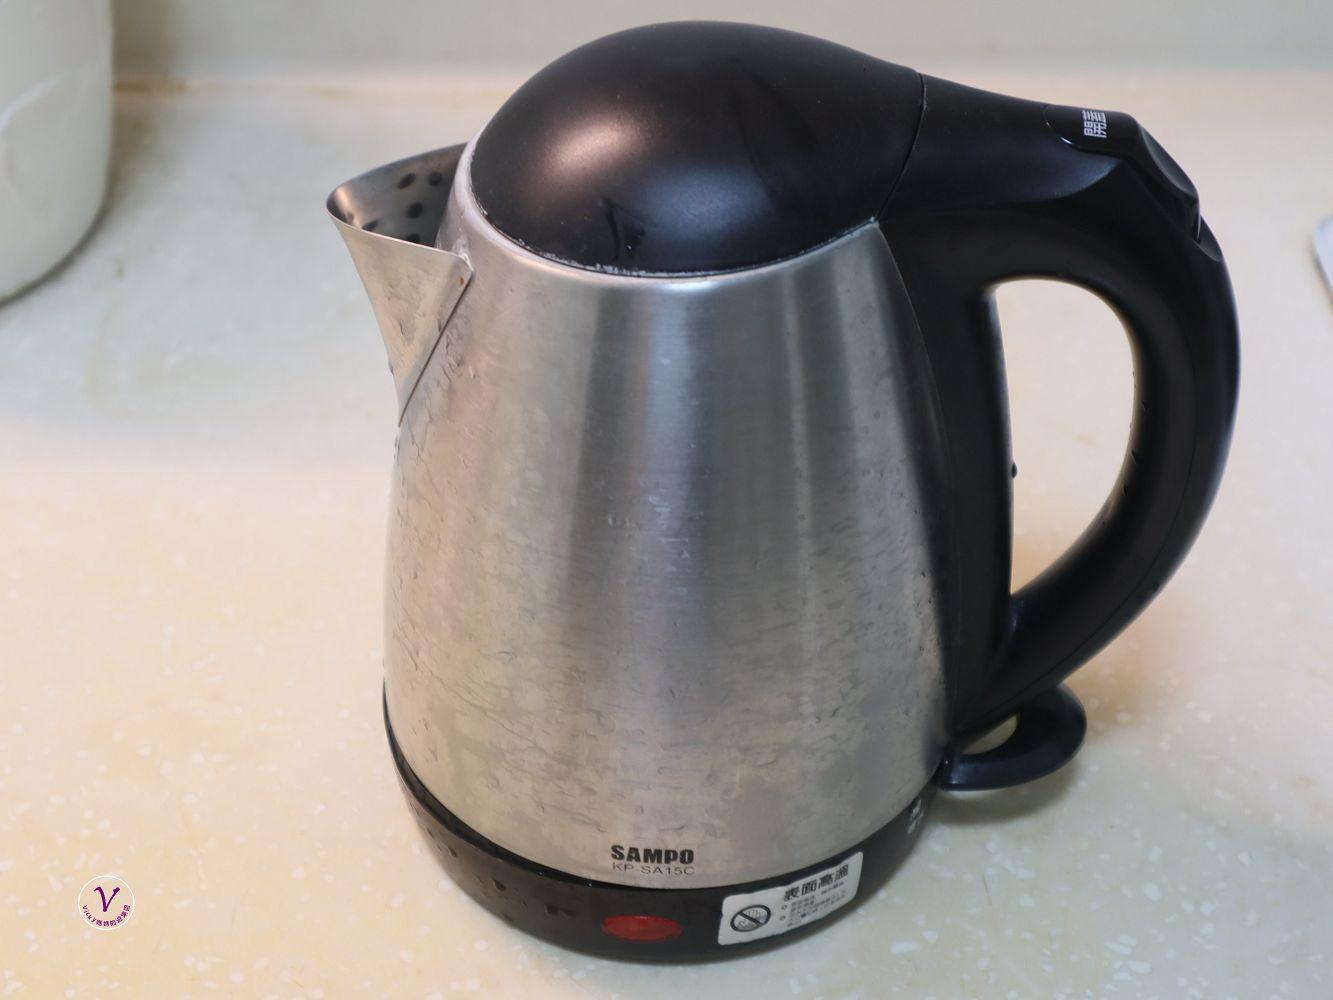 將淨水器的水放入熱水壺中加熱較為耗時